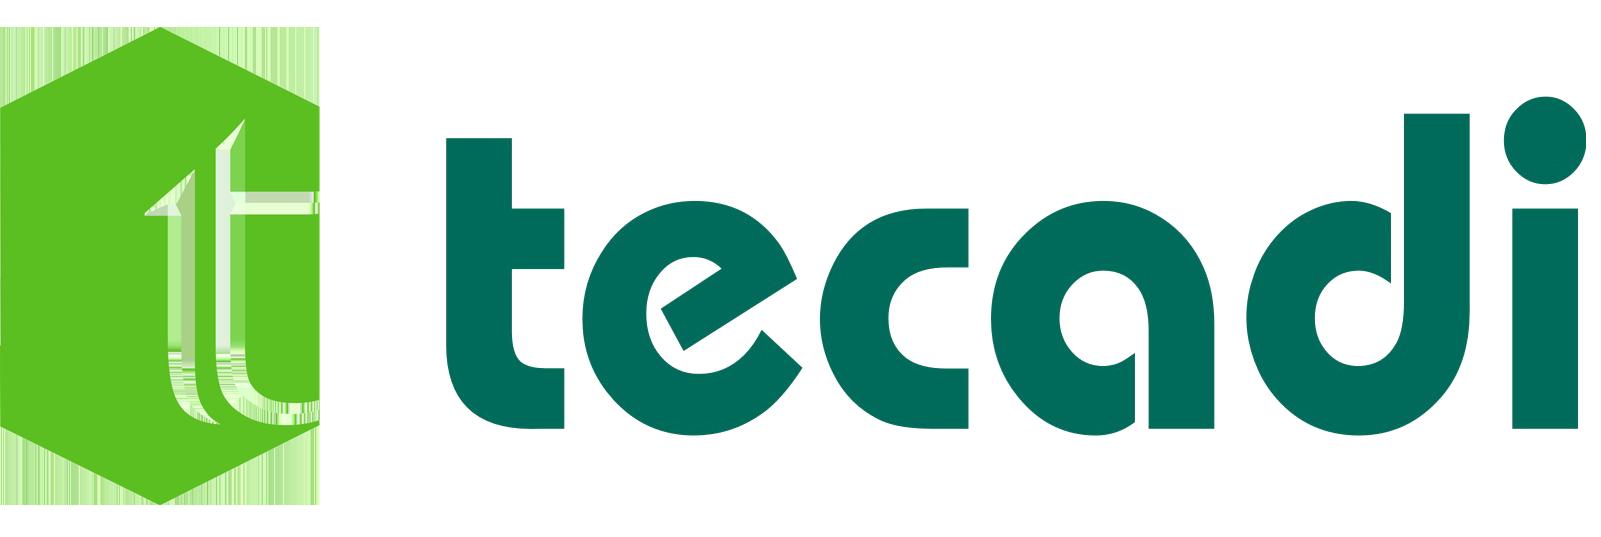 Tecadi